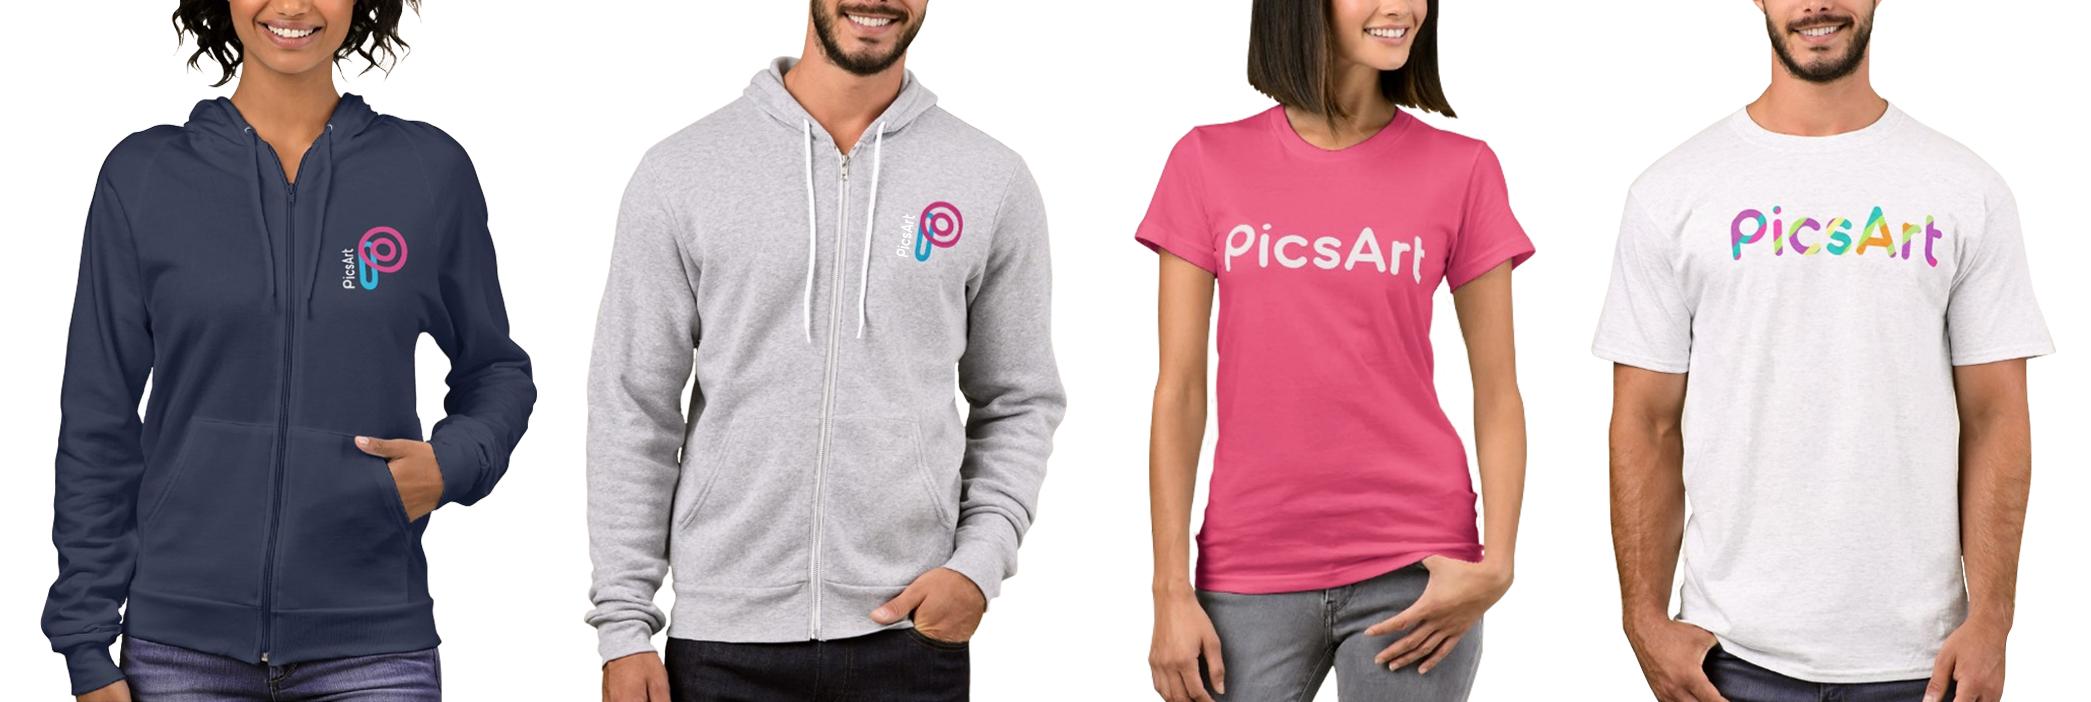 PicsArt Gear